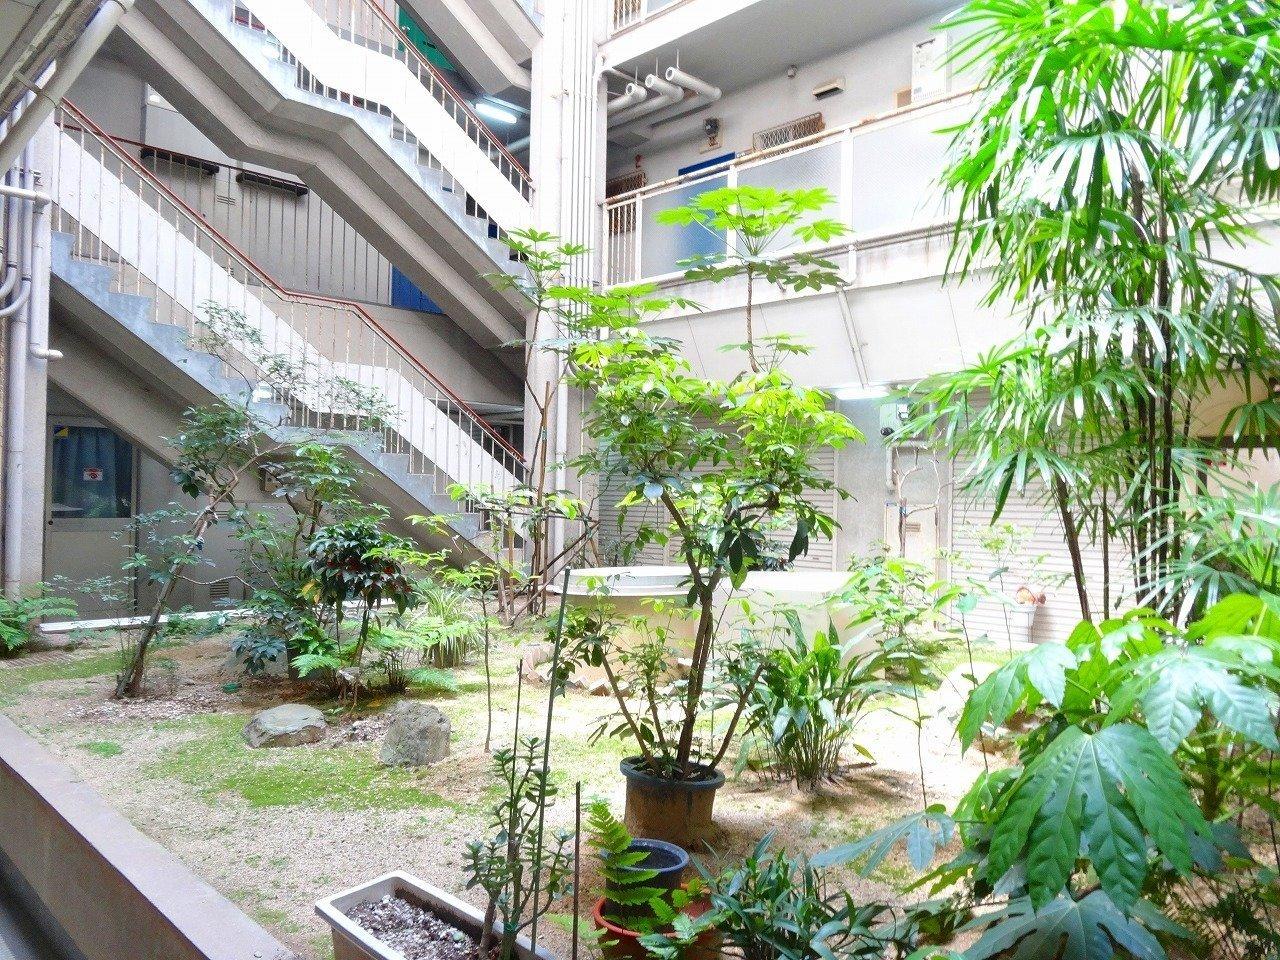 アクセスのよい、便利な中津駅から徒歩5分のこちらの物件は、築40年以上のレトロなたたずまい。開放感のある中庭が印象的です。